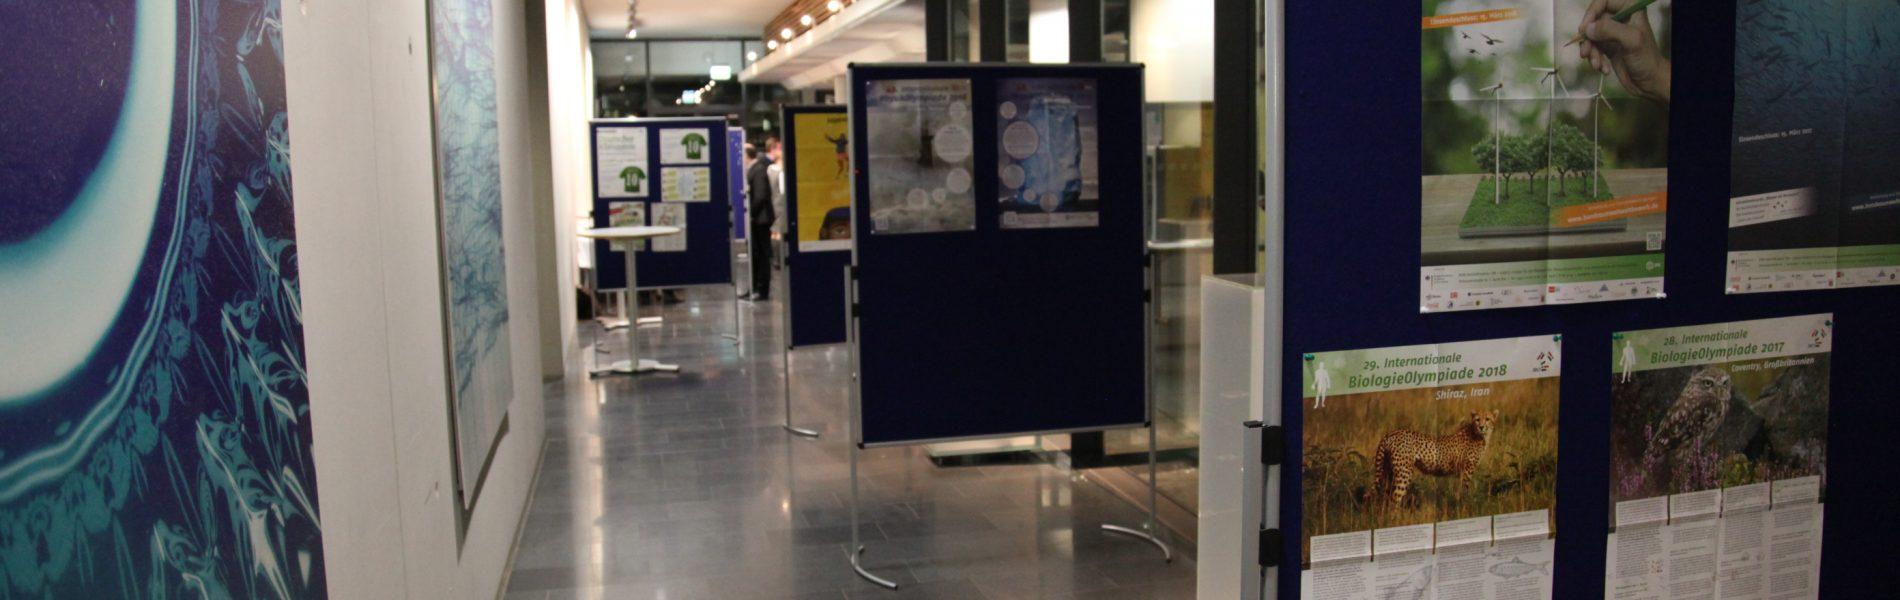 Das Bild zeigt einen Gang mit einigen Informationstafeln. Im Vordergrund hängen Plakate der Biologo-Olympiade und des Bundesumweltwettbewerbs.